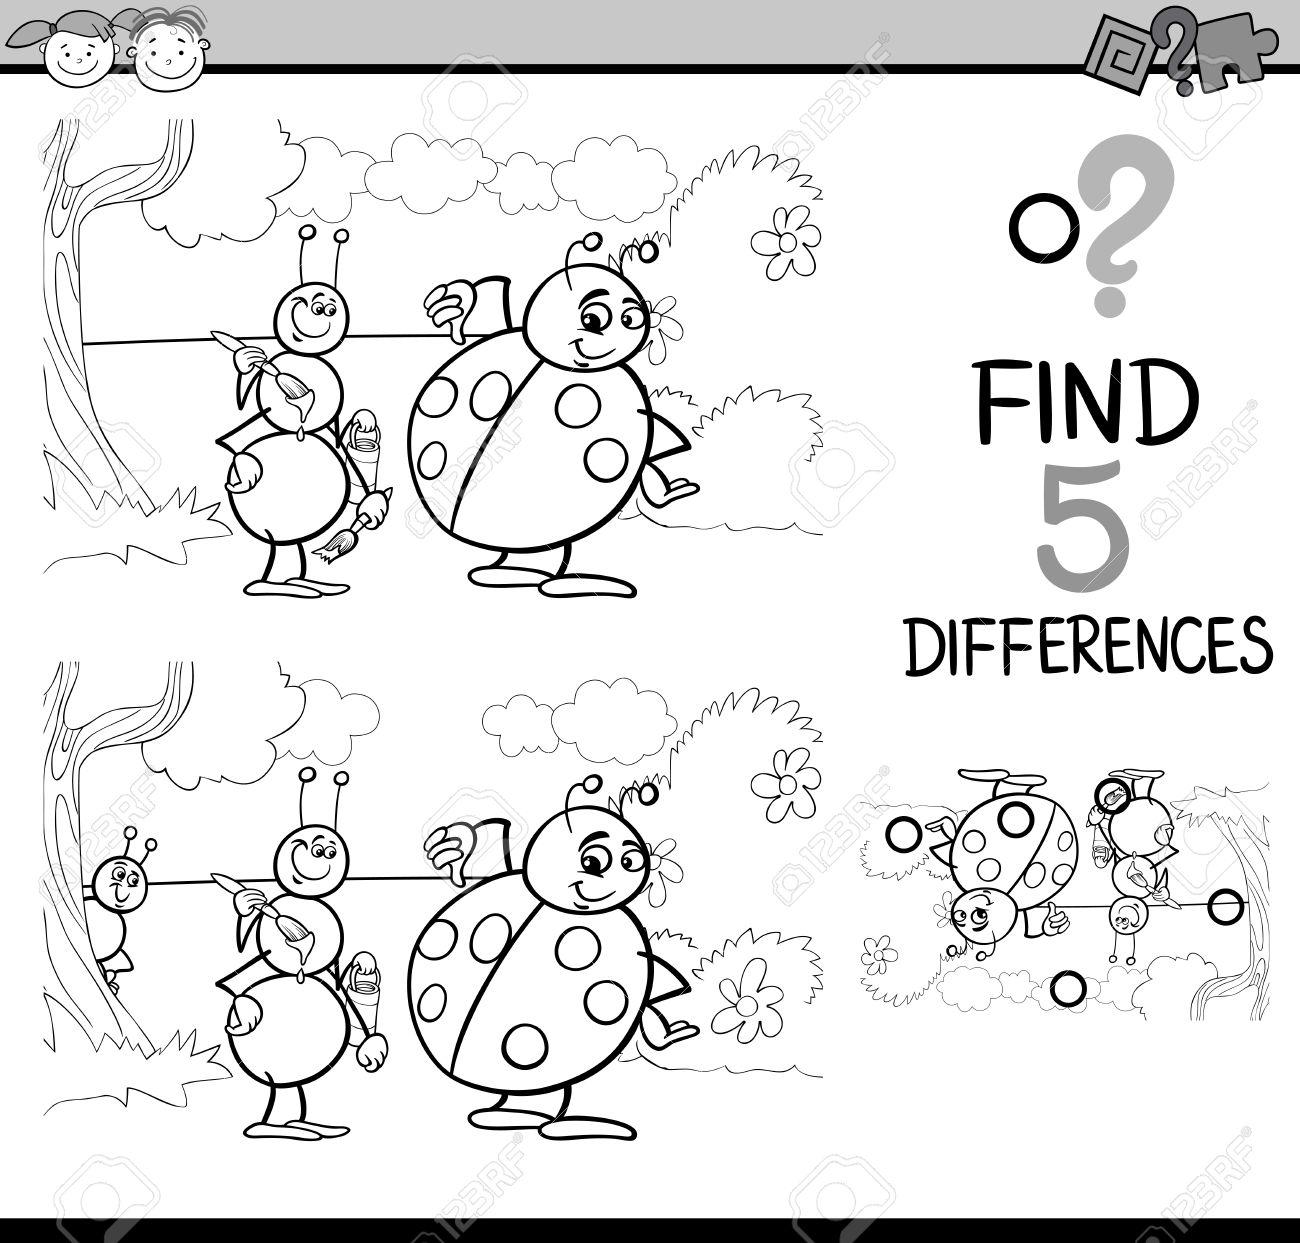 黒と白の漫画イラスト塗り絵の Ant とてんとう虫の昆虫文字と幼児の違い